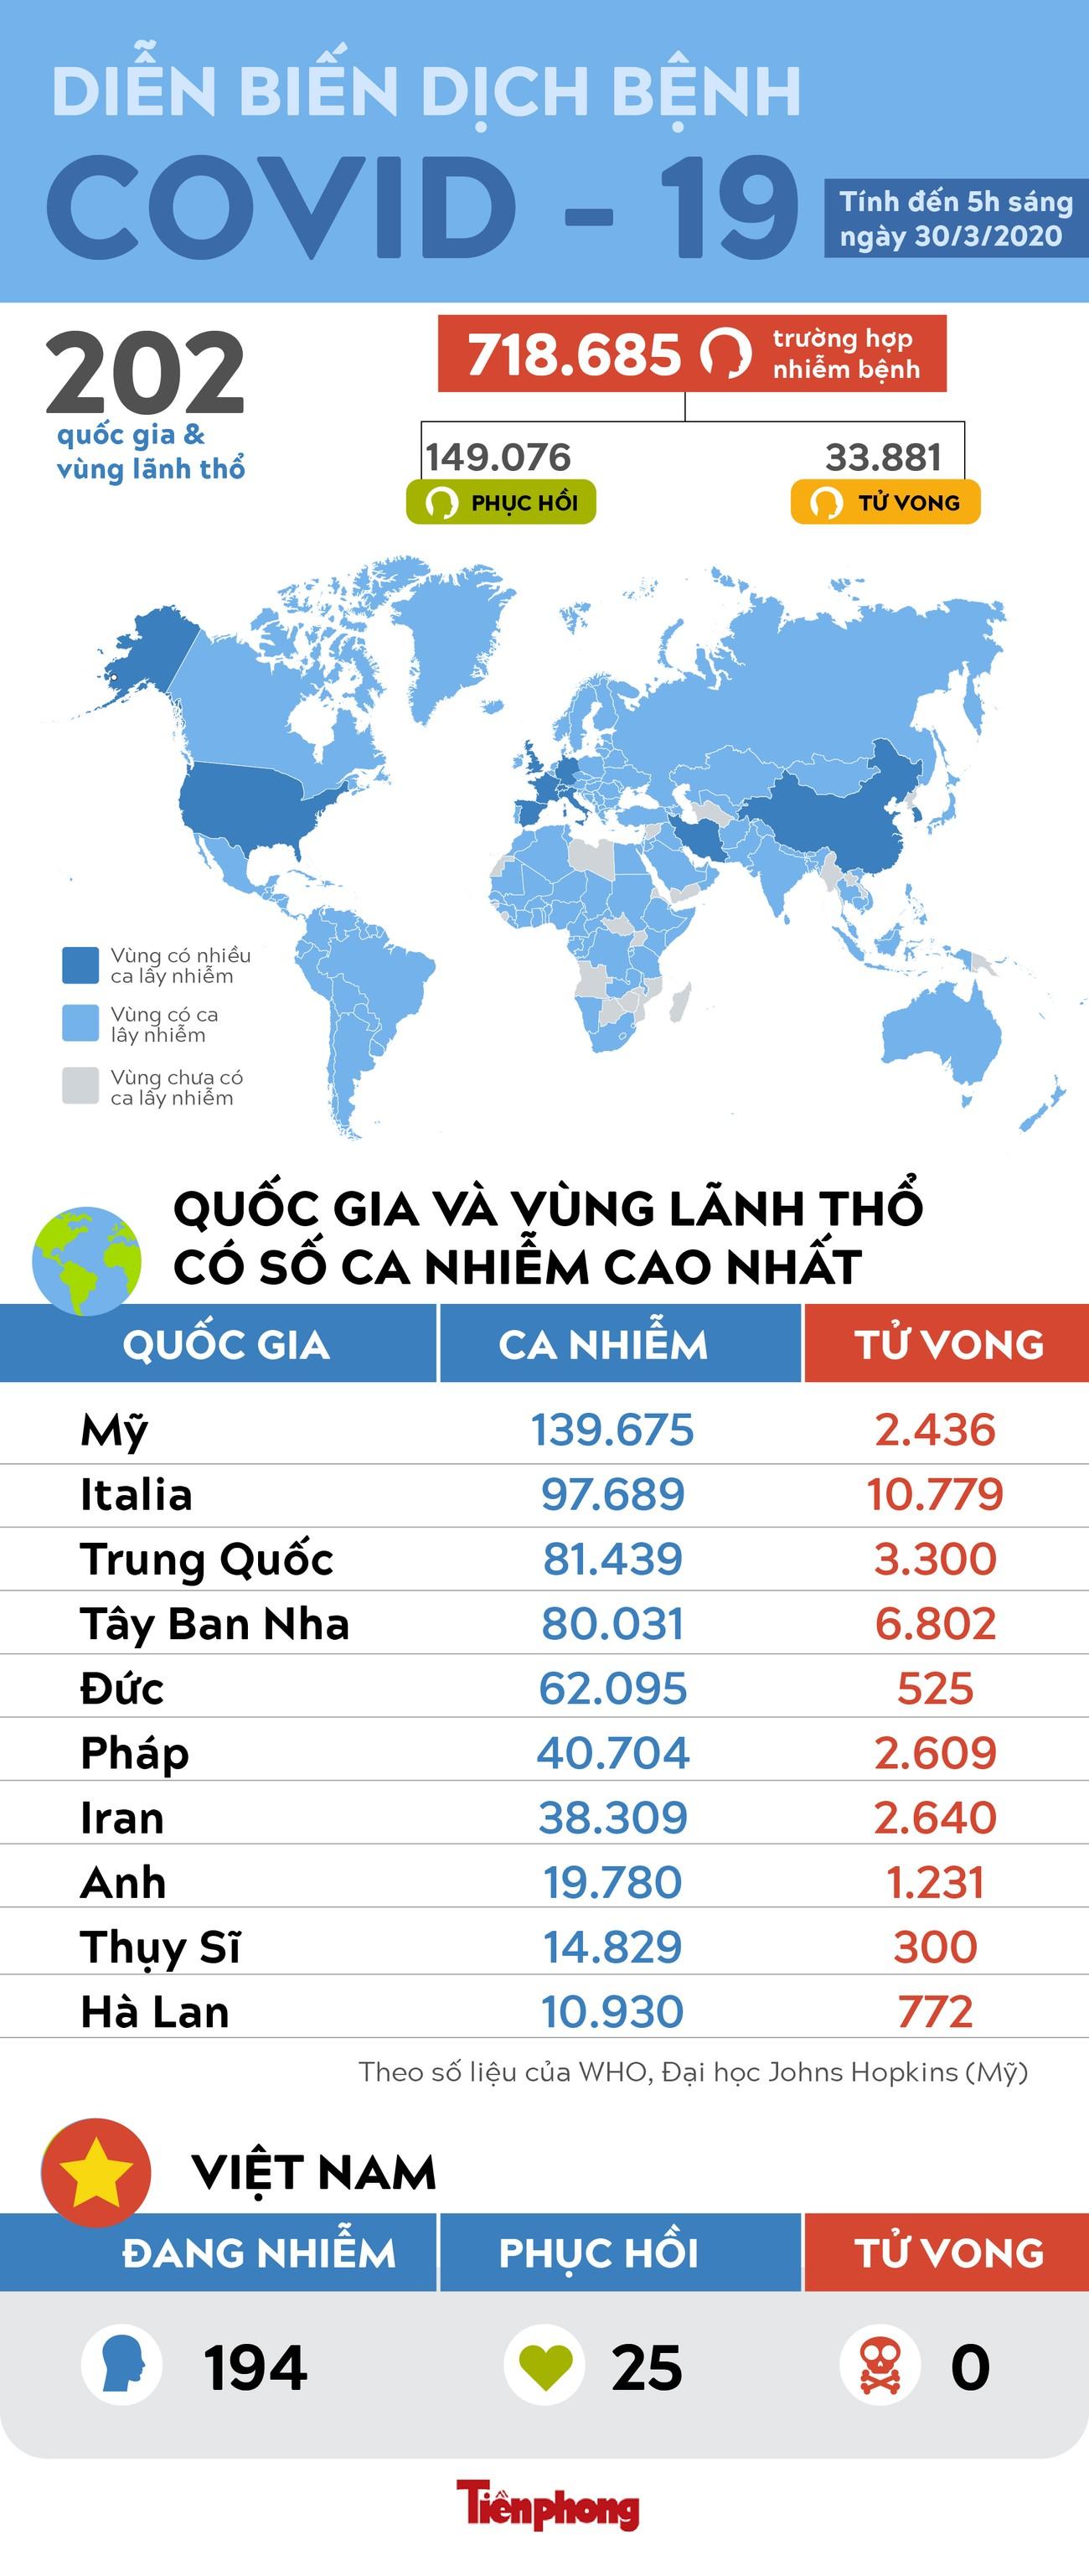 Số ca nhiễm COVID-19 trên thế giới vượt 700.000, gần 33.900 người tử vong ảnh 1